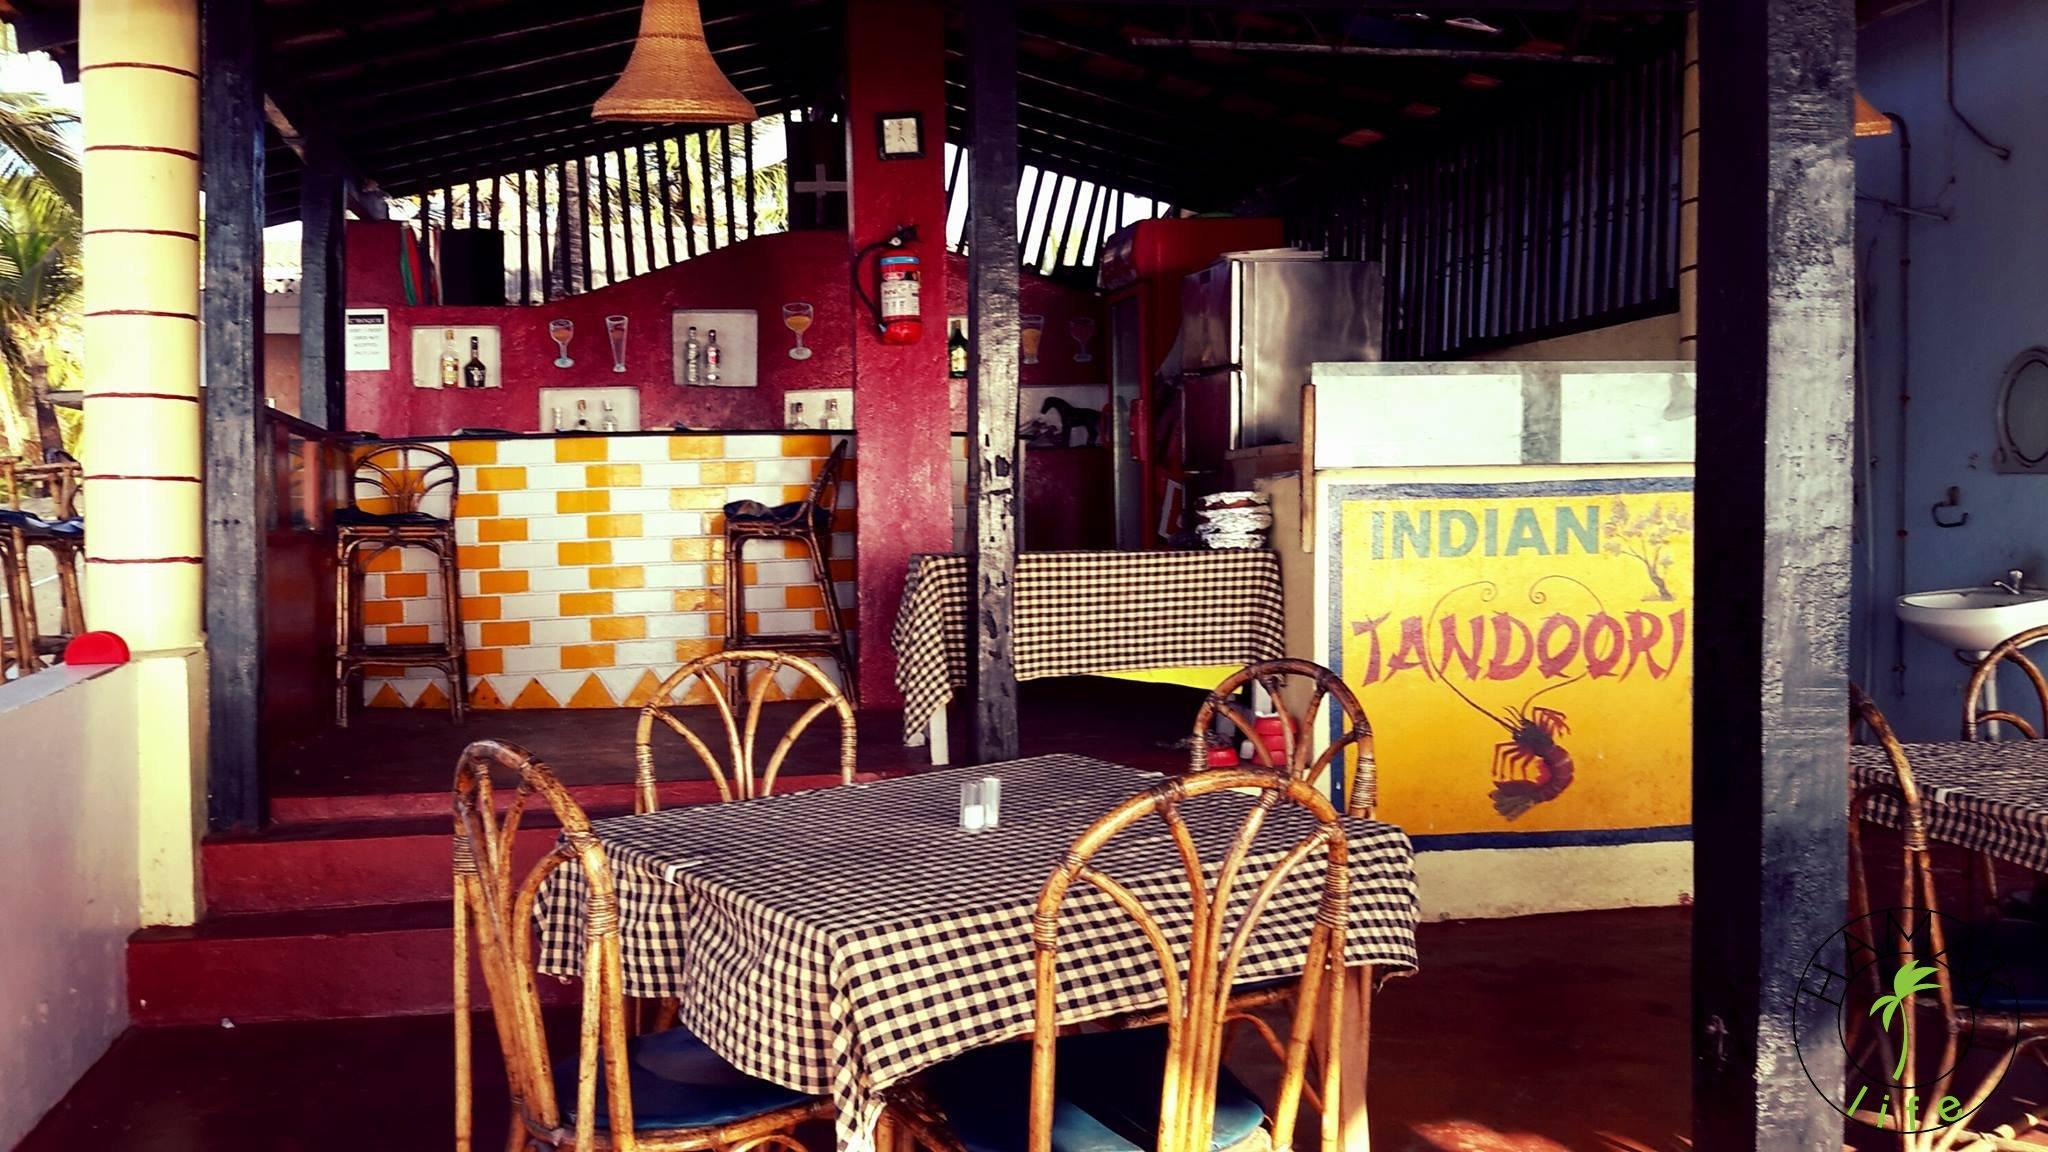 Indian Tandoori - indyjska restauracja w Kerali. Nie pamiętam, czy serwuje aloo gobi